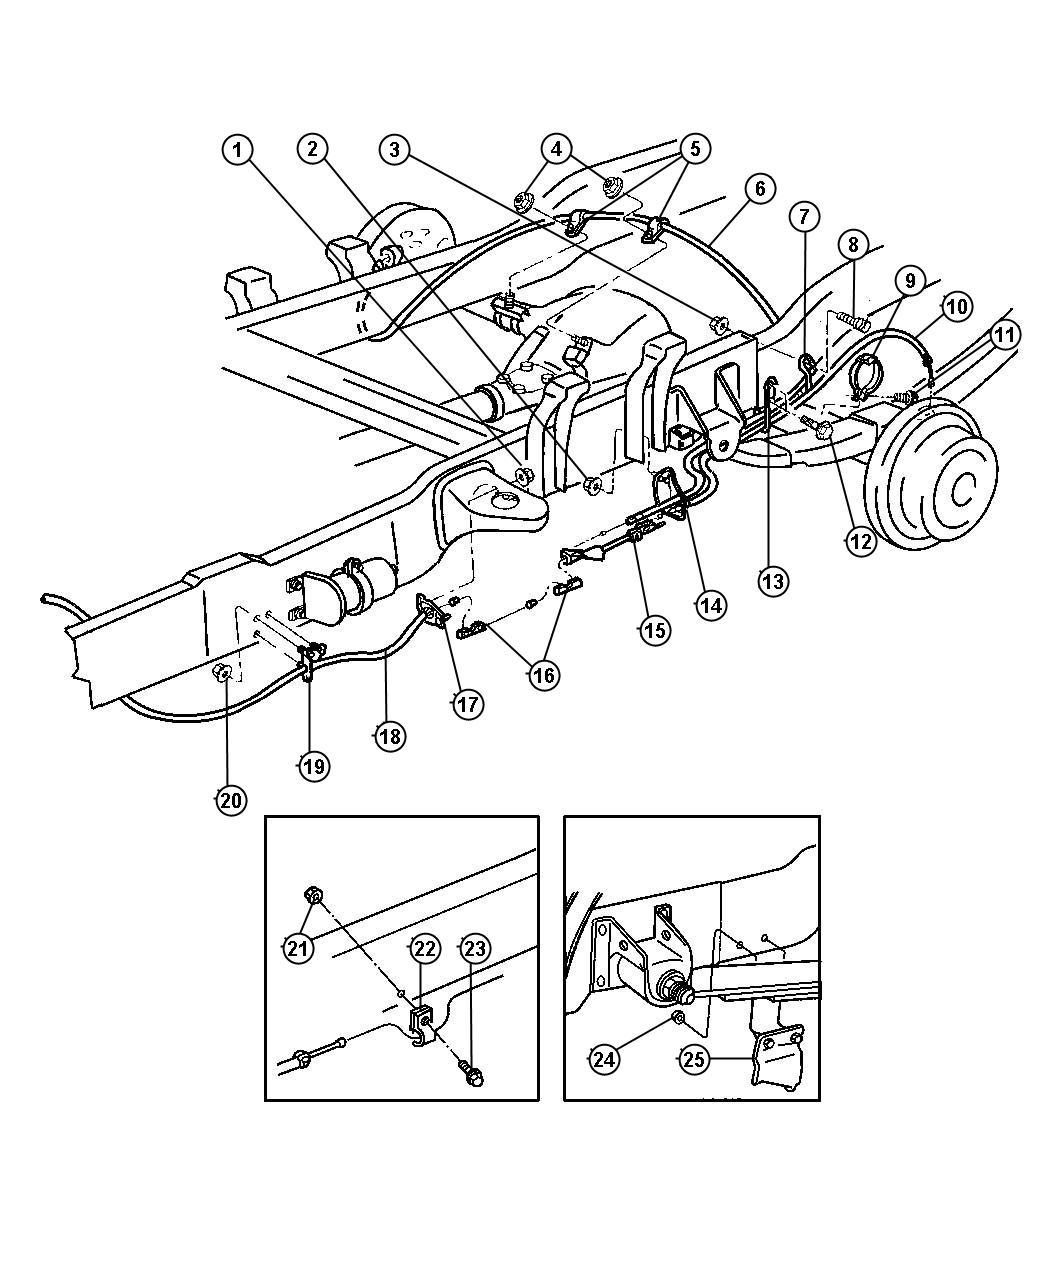 Dodge Ram Tensioner Parking Brake Cable Adjust